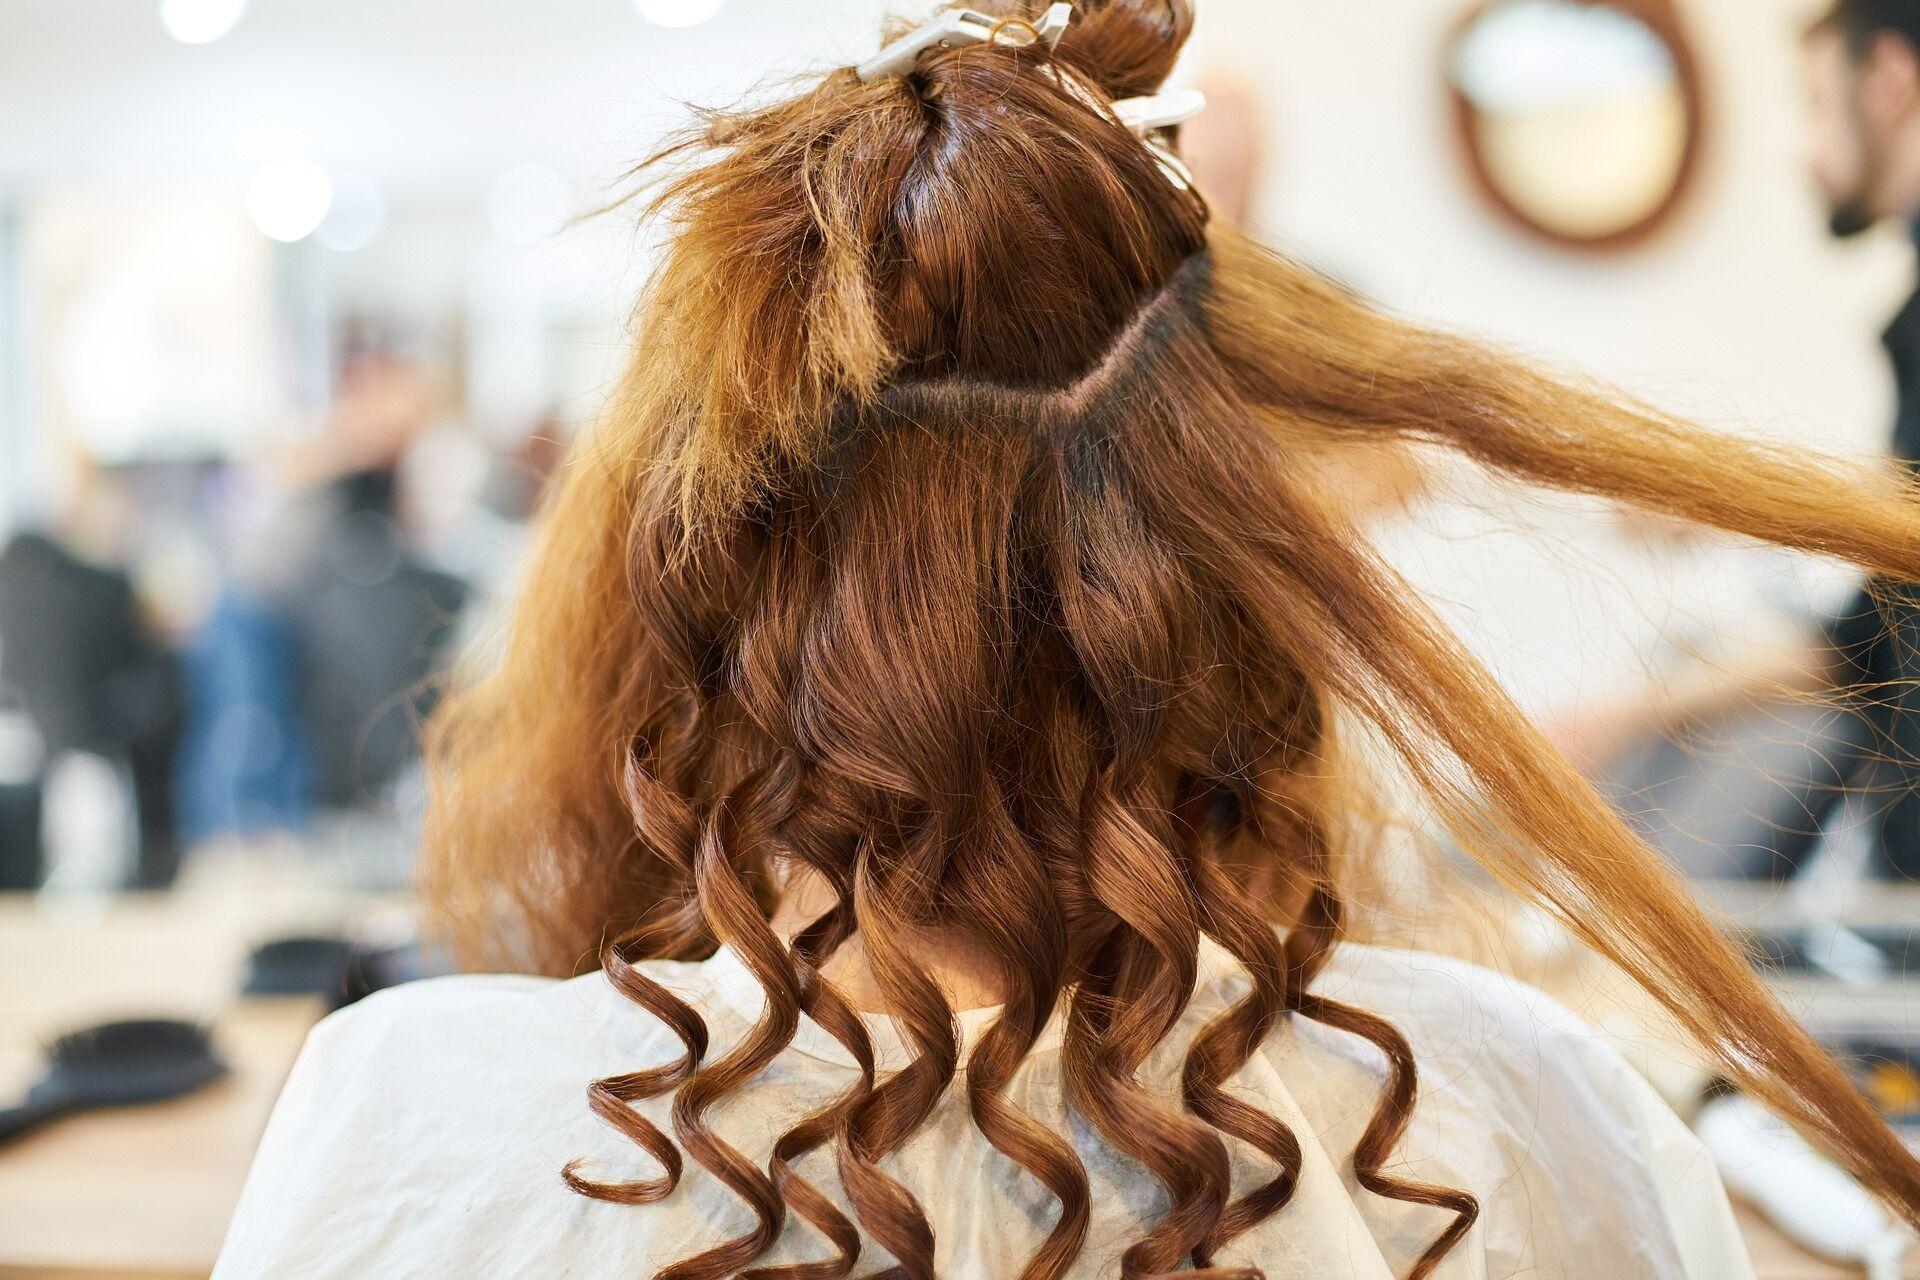 Місячний календар стрижок на червень 2021 року допоможе вибрати найбільш вдалий день для зміни зачіски